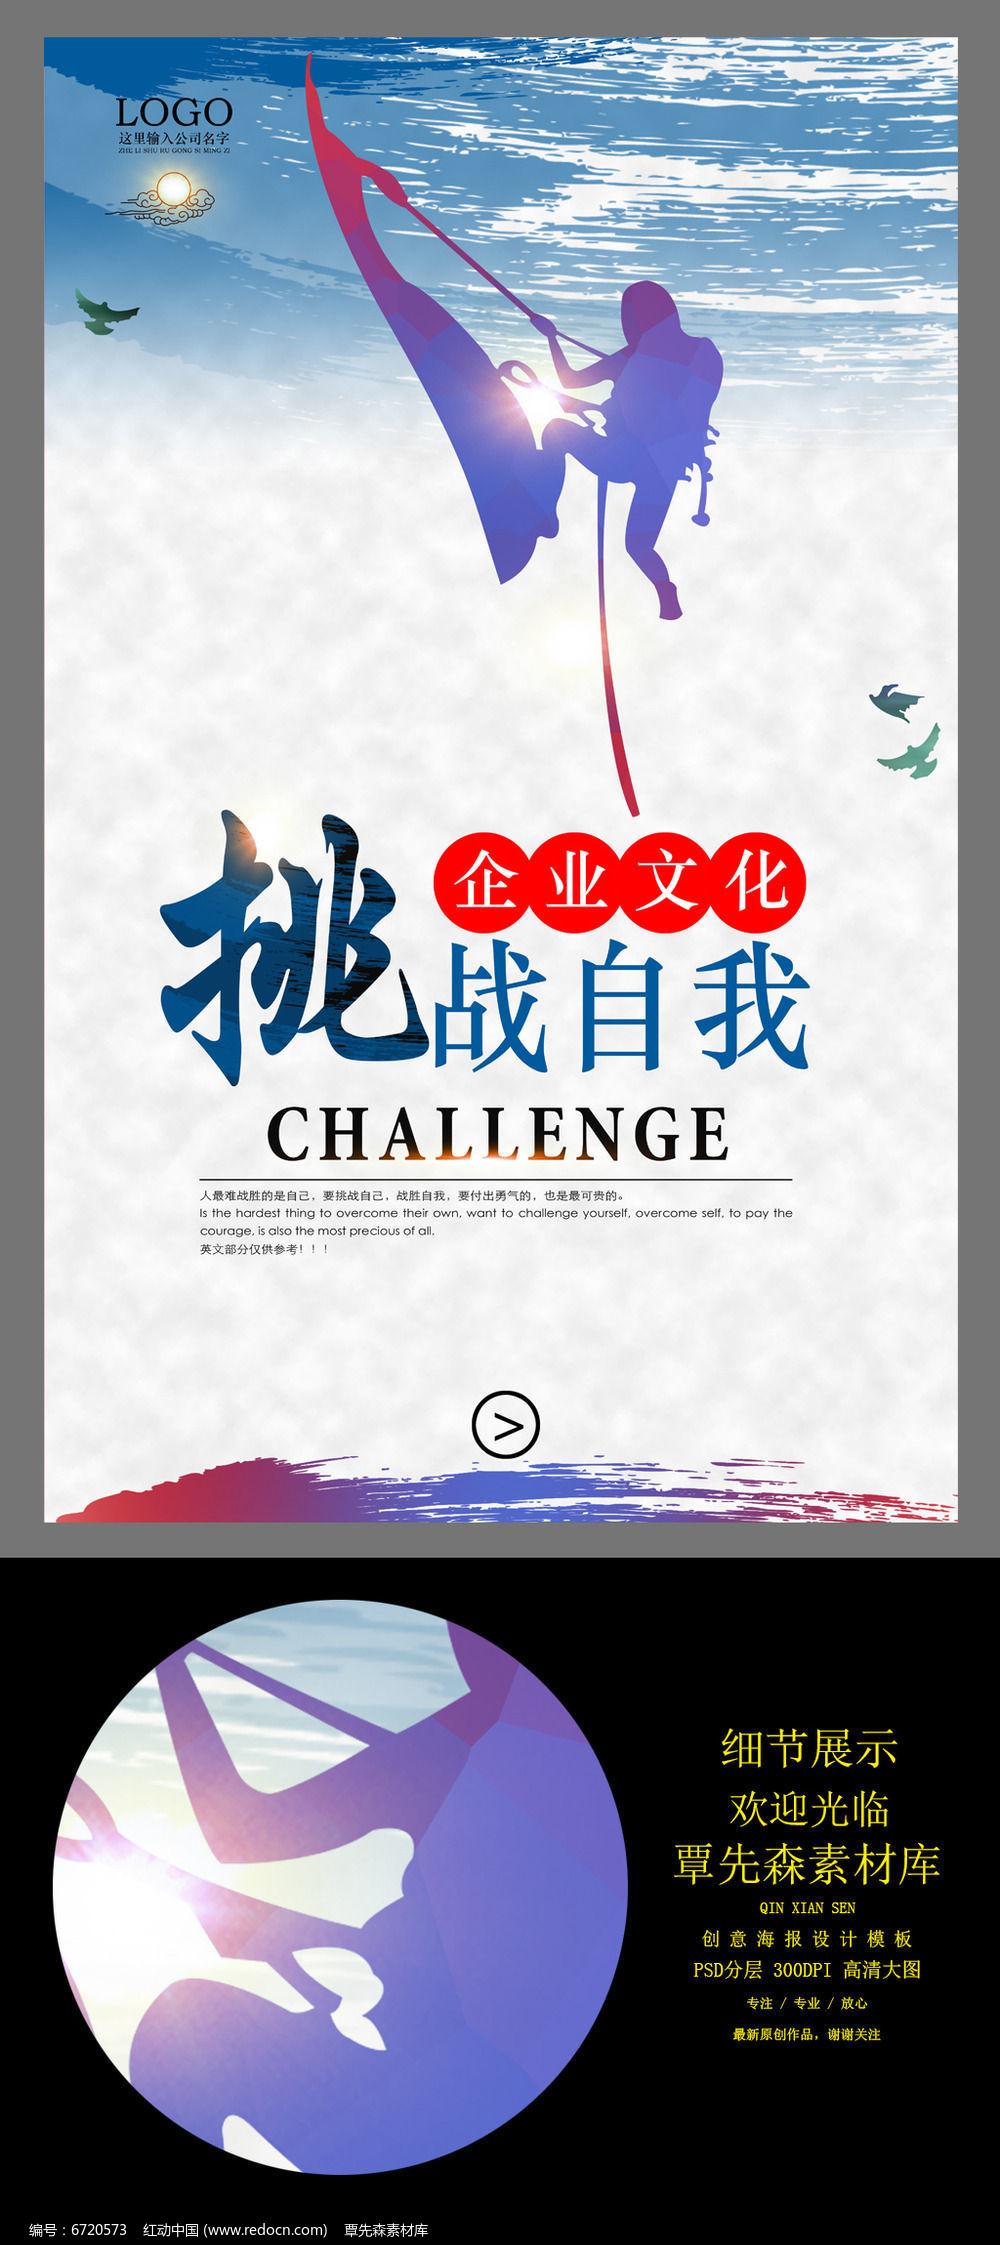 大气中国风挑战自我企业文化展板设计图片